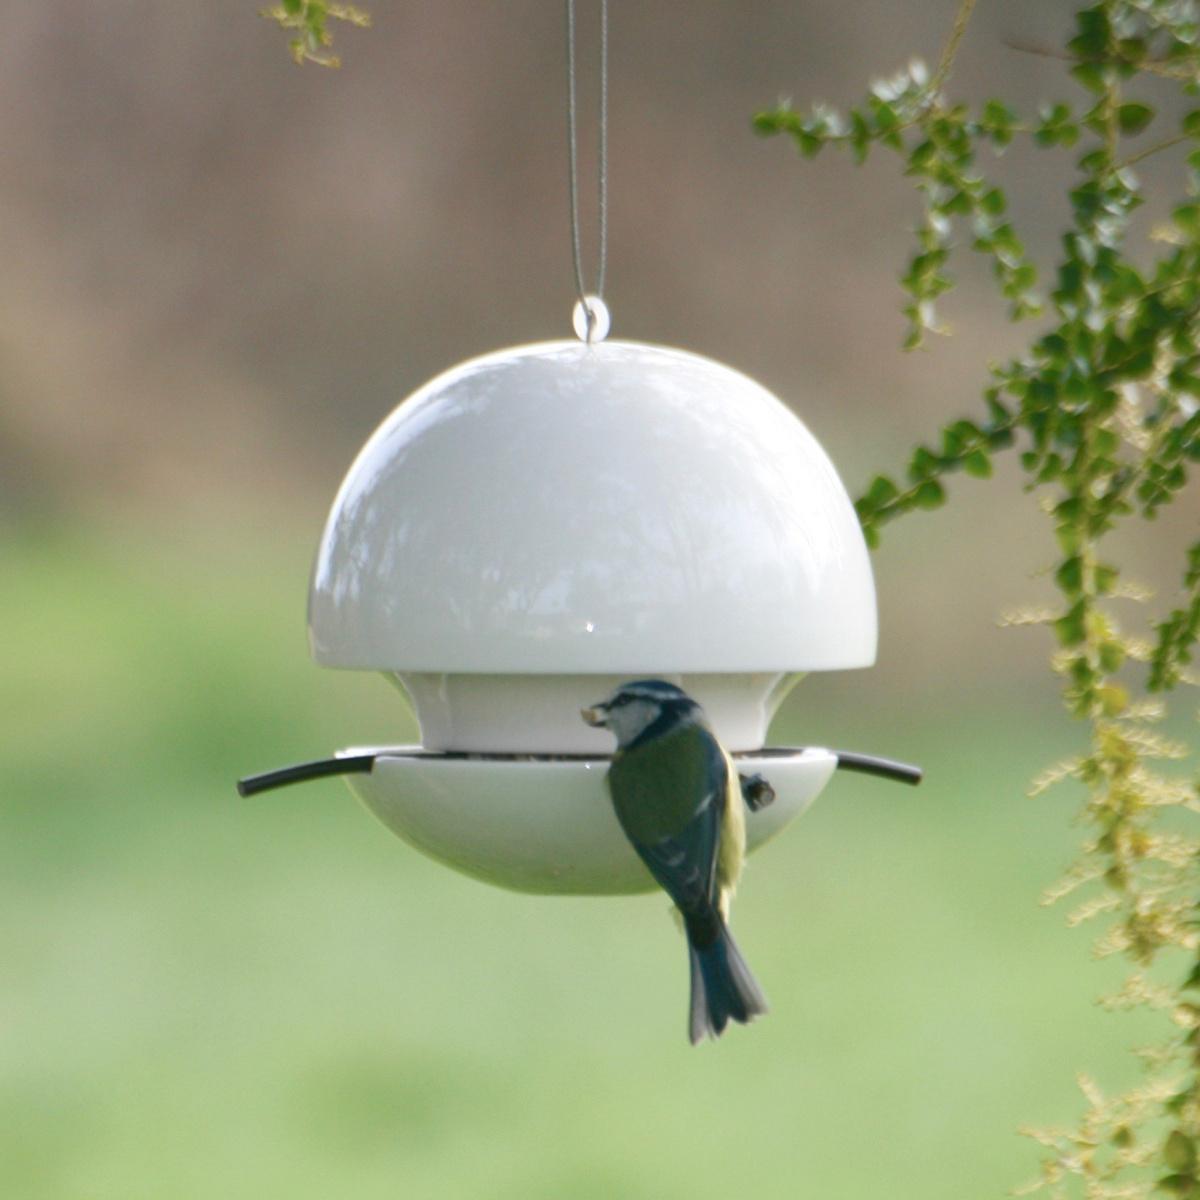 Green & Blue foderkugle til fuglefrø - hvid